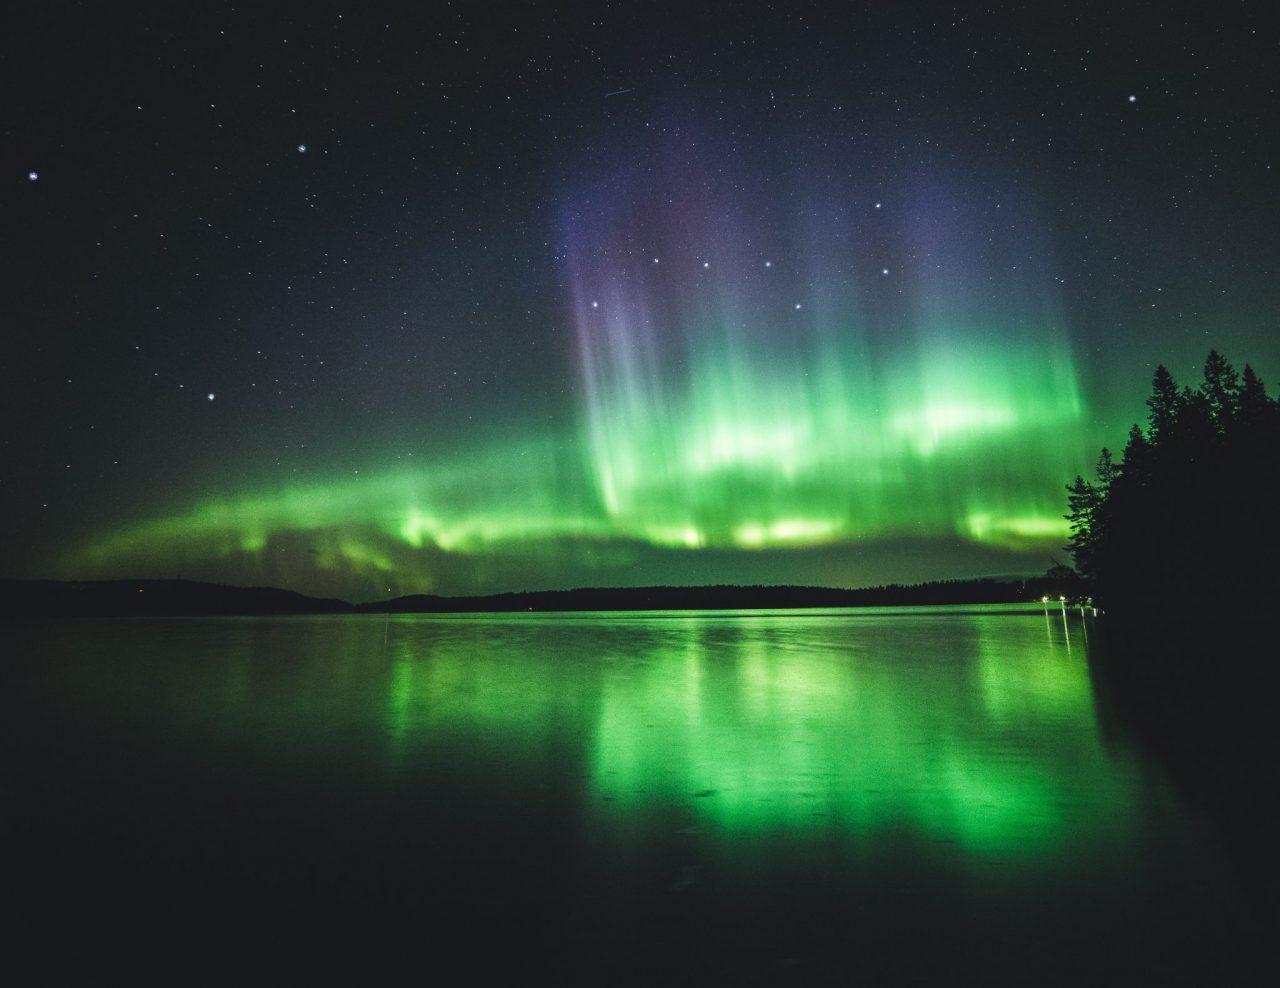 Northern lights over a lake